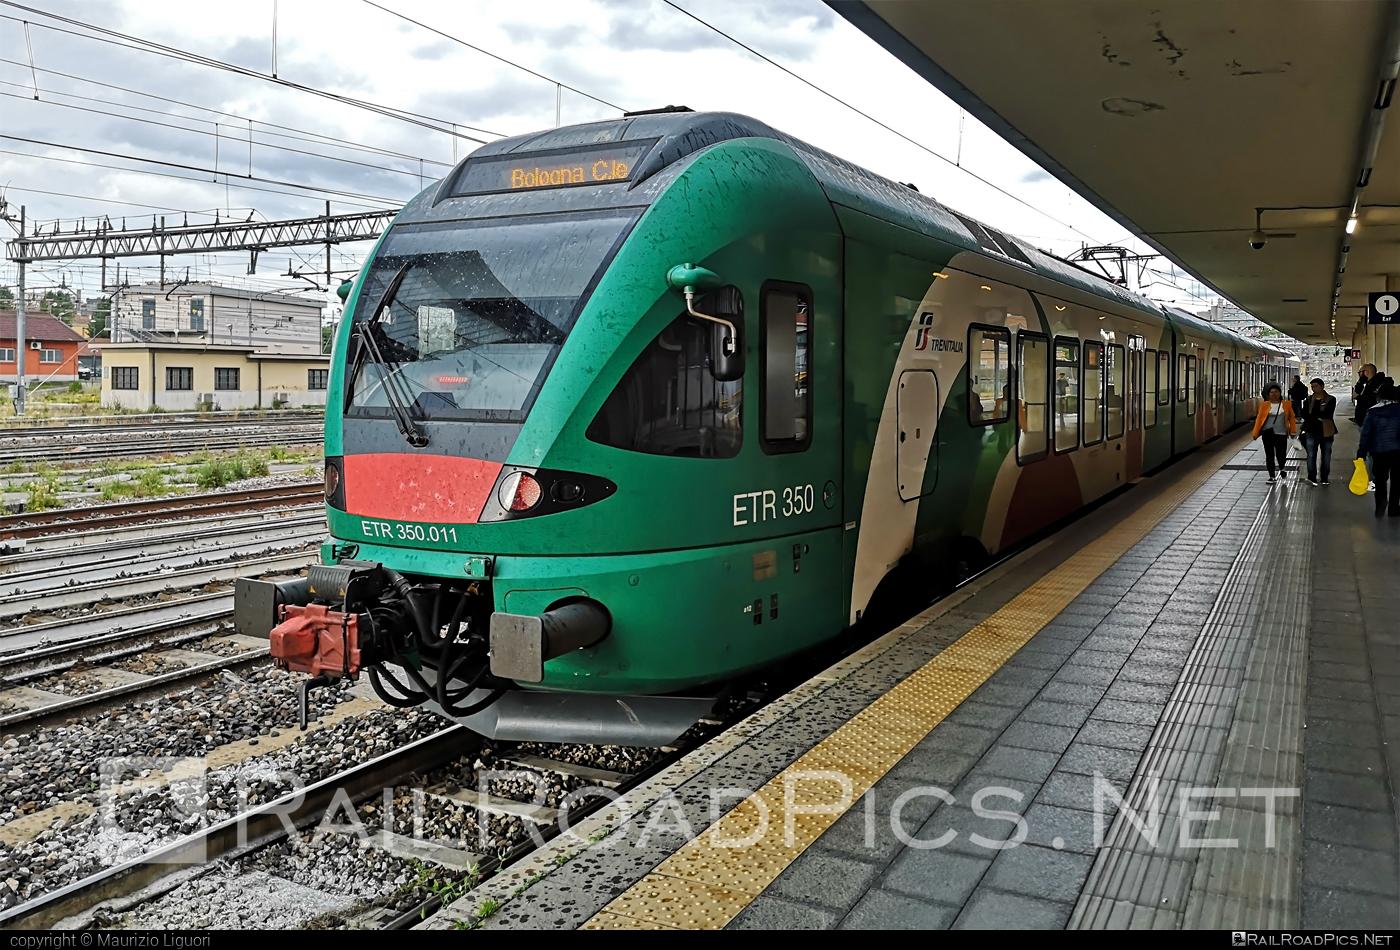 Stadler FLIRT - ETR 350.011 operated by Trenitalia S.p.A. #ferroviedellostato #fs #fsitaliane #stadler #stadlerflirt #stadlerrail #stadlerrailag #trenitalia #trenitaliaspa